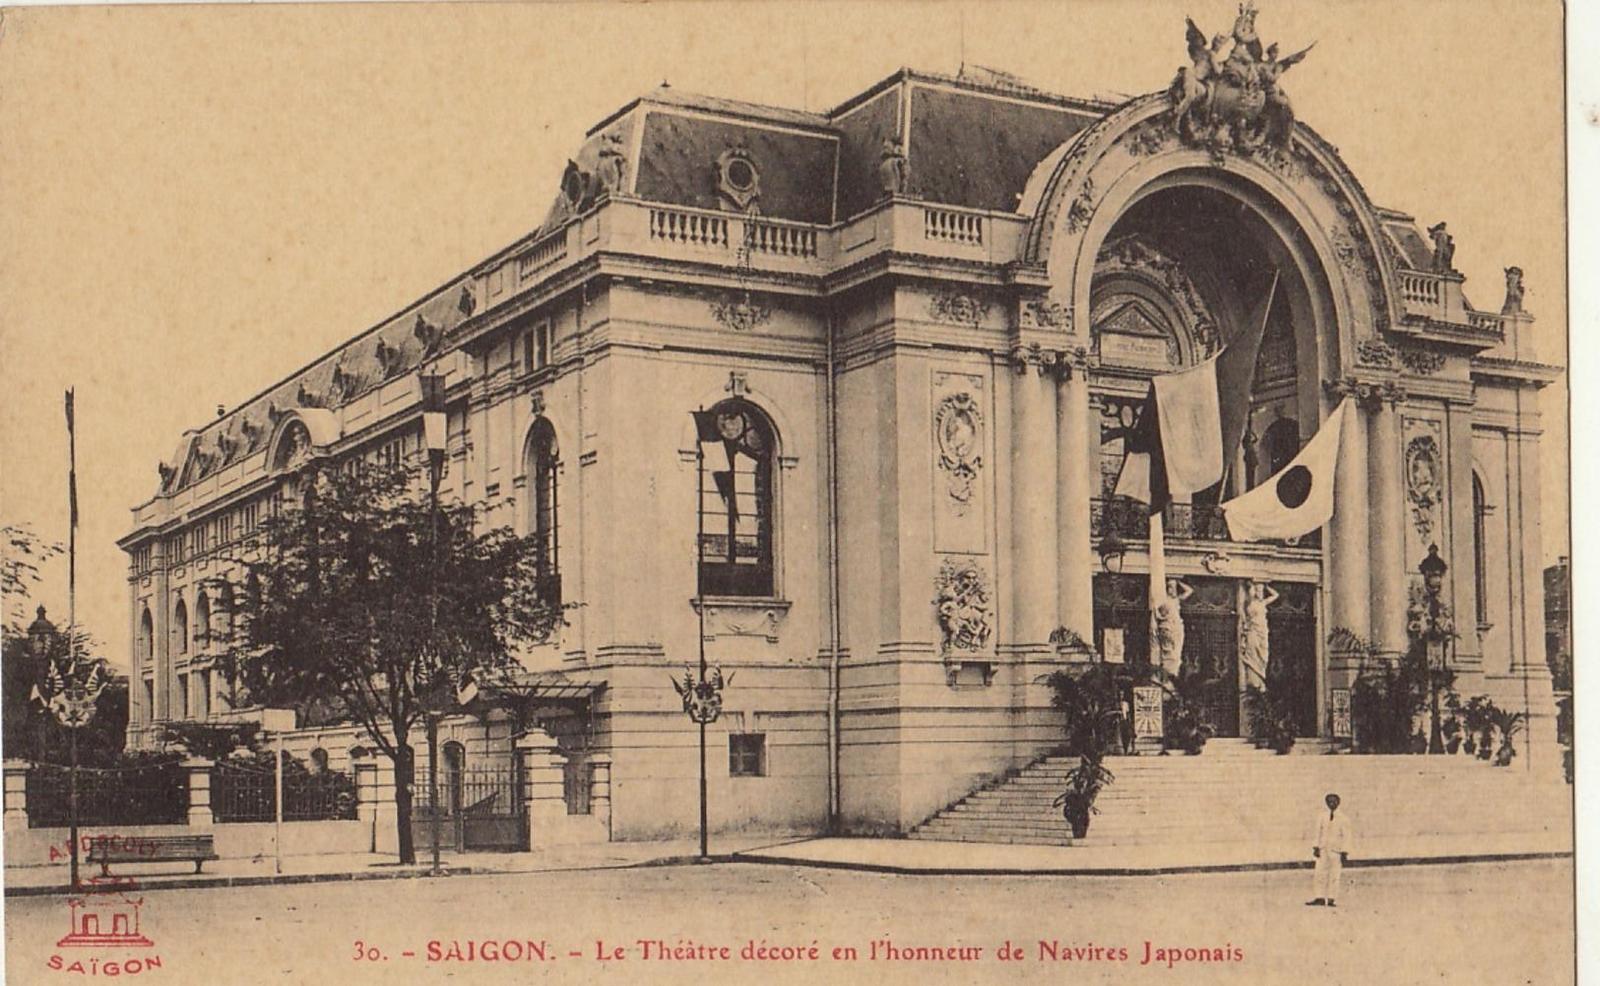 Hô-Chi-Minh-Ville -  COCHINCHINE VIET NAM saïgon le théâtre décoré en l'honneur de navires japonais